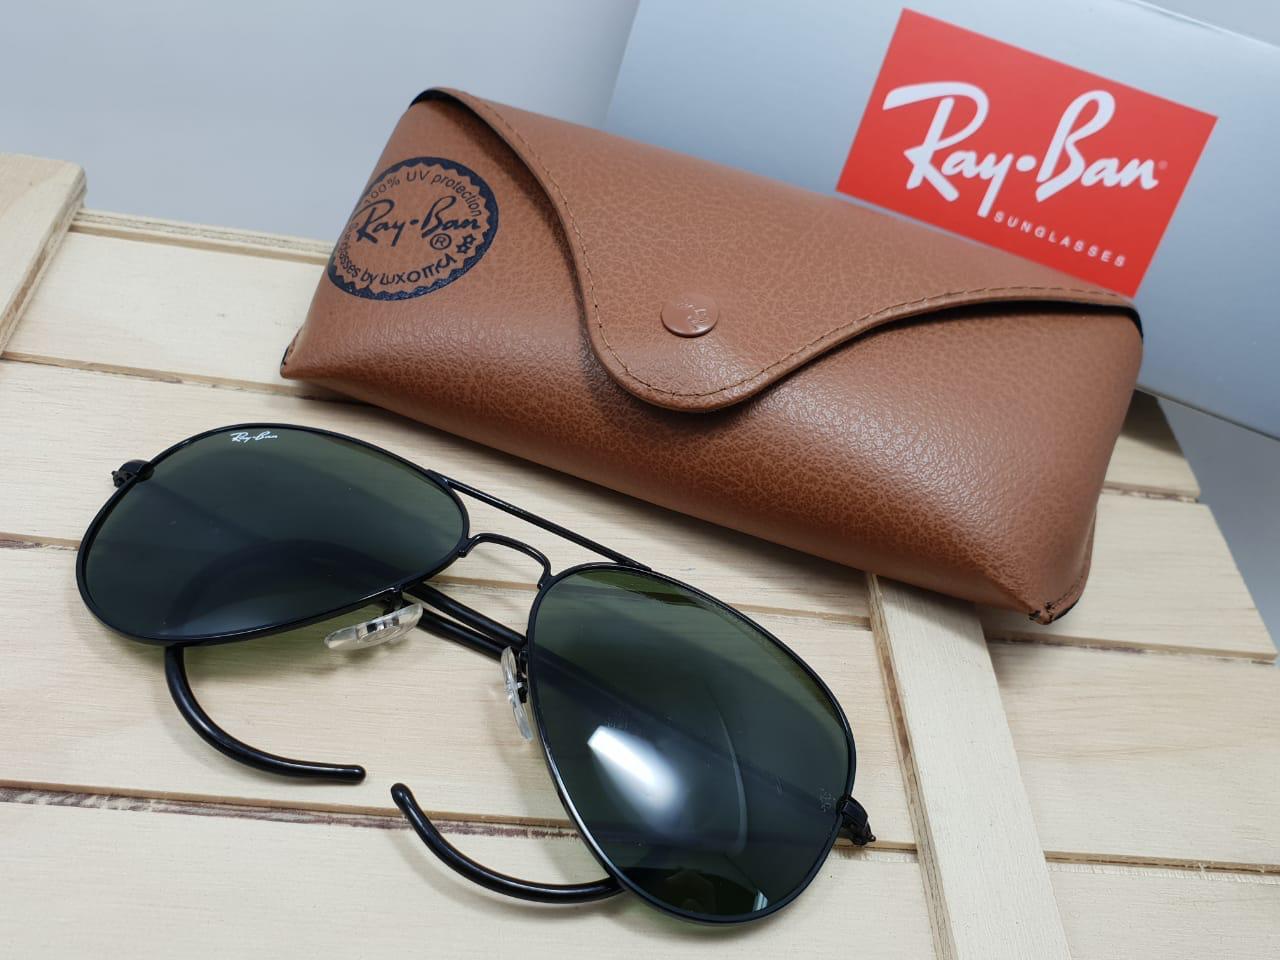 Gafas Ray Ban Oreja Ratón Negras 2 Dcs Boutique